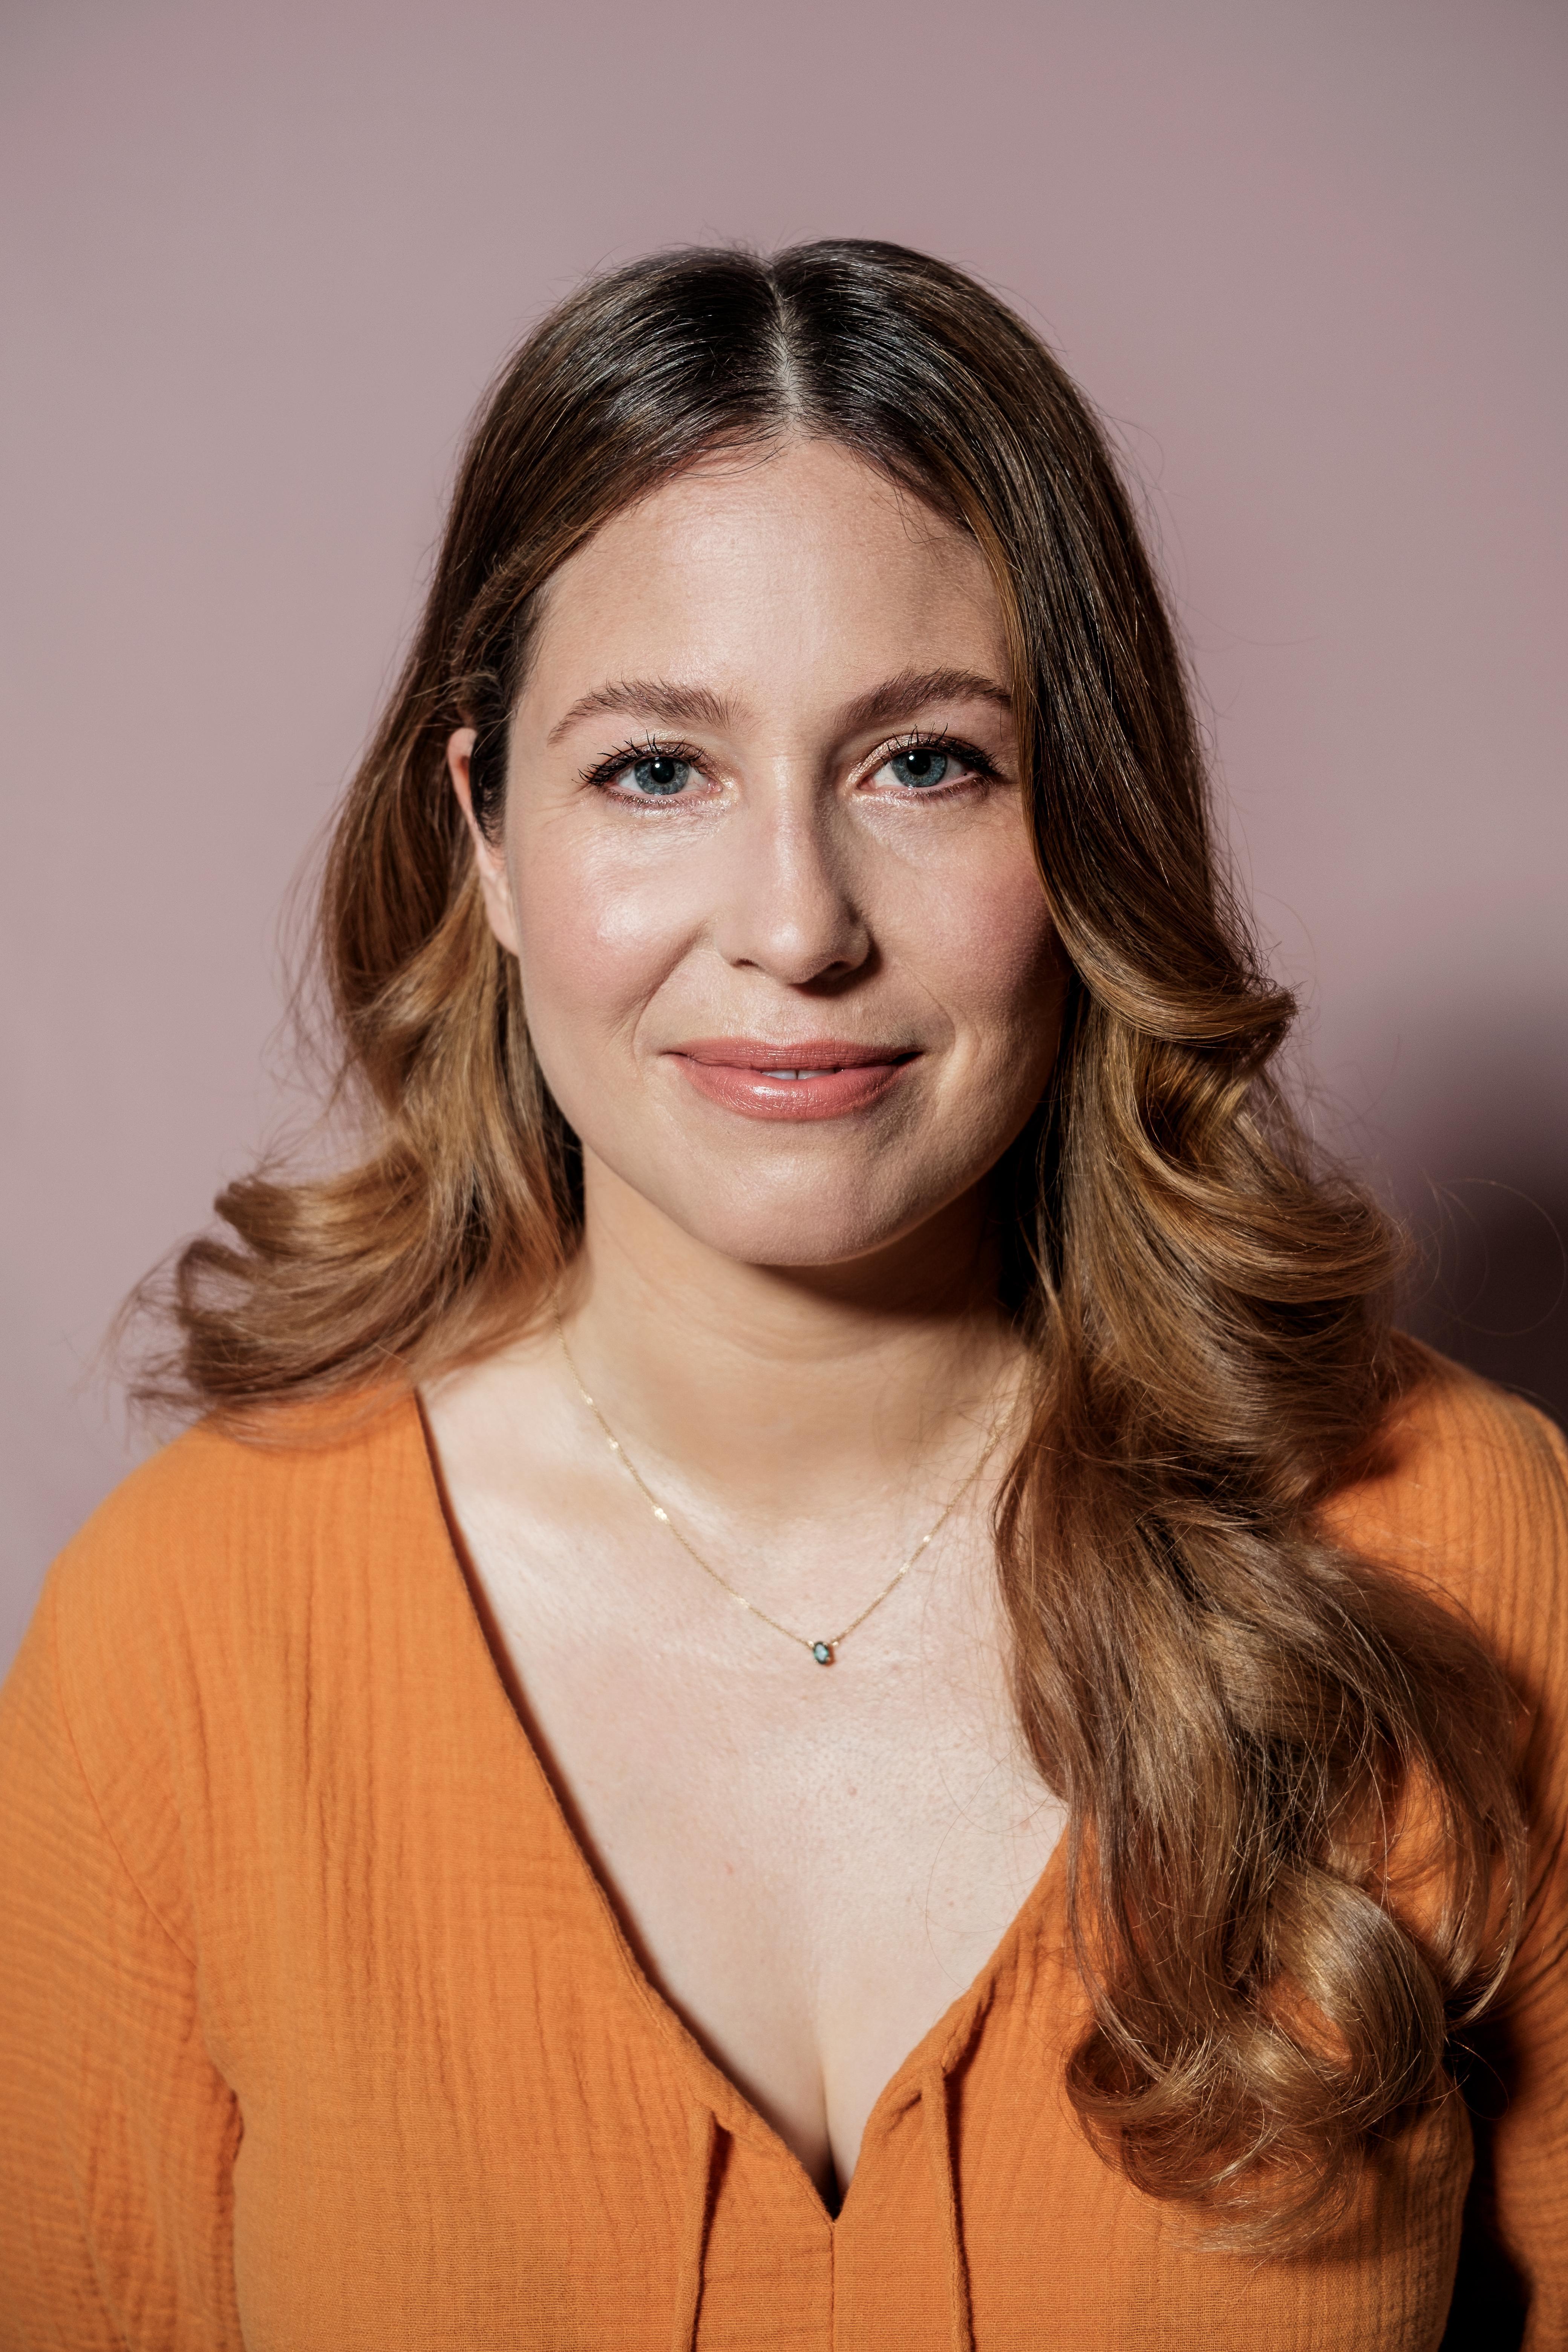 Sanne Vogel over haar kookboek 'De vier seizoenen van Vogel': 'Ik wil niemand bekeren'